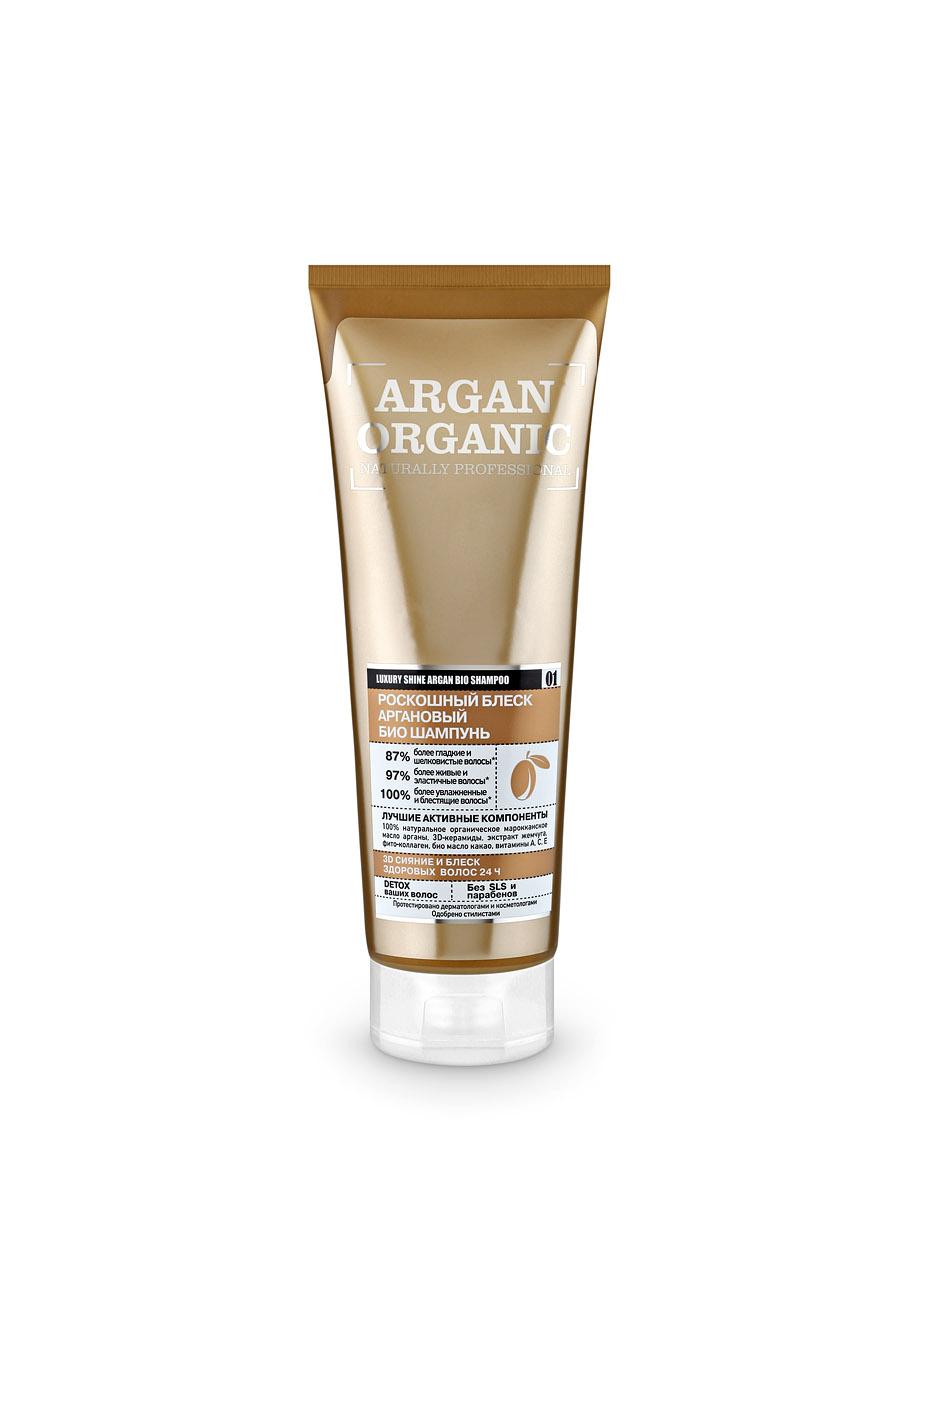 Оrganic Shop Naturally Professional Био-шампунь для волос Роскошный блеск, аргановый, 250 мл0861-1-4103100% натуральное органическое марокканское масло арганы интенсивно питает и увлажняет волосы, придает им зеркальный блеск и сияние. 3D-керамиды легко проникают внутрь волоса и восстанавливают их структуру, предотвращая ломкость и сечение. Экстракт жемчуга насыщает волосы минералами и аминокислотами, делая их гладкими и шелковистыми. Фито-коллаген проникает в глубь волос, уплотняя их структуру. Био масло какао укрепляет структуру волос, придавая им жизненную силу и энергию.Товар сертифицирован.